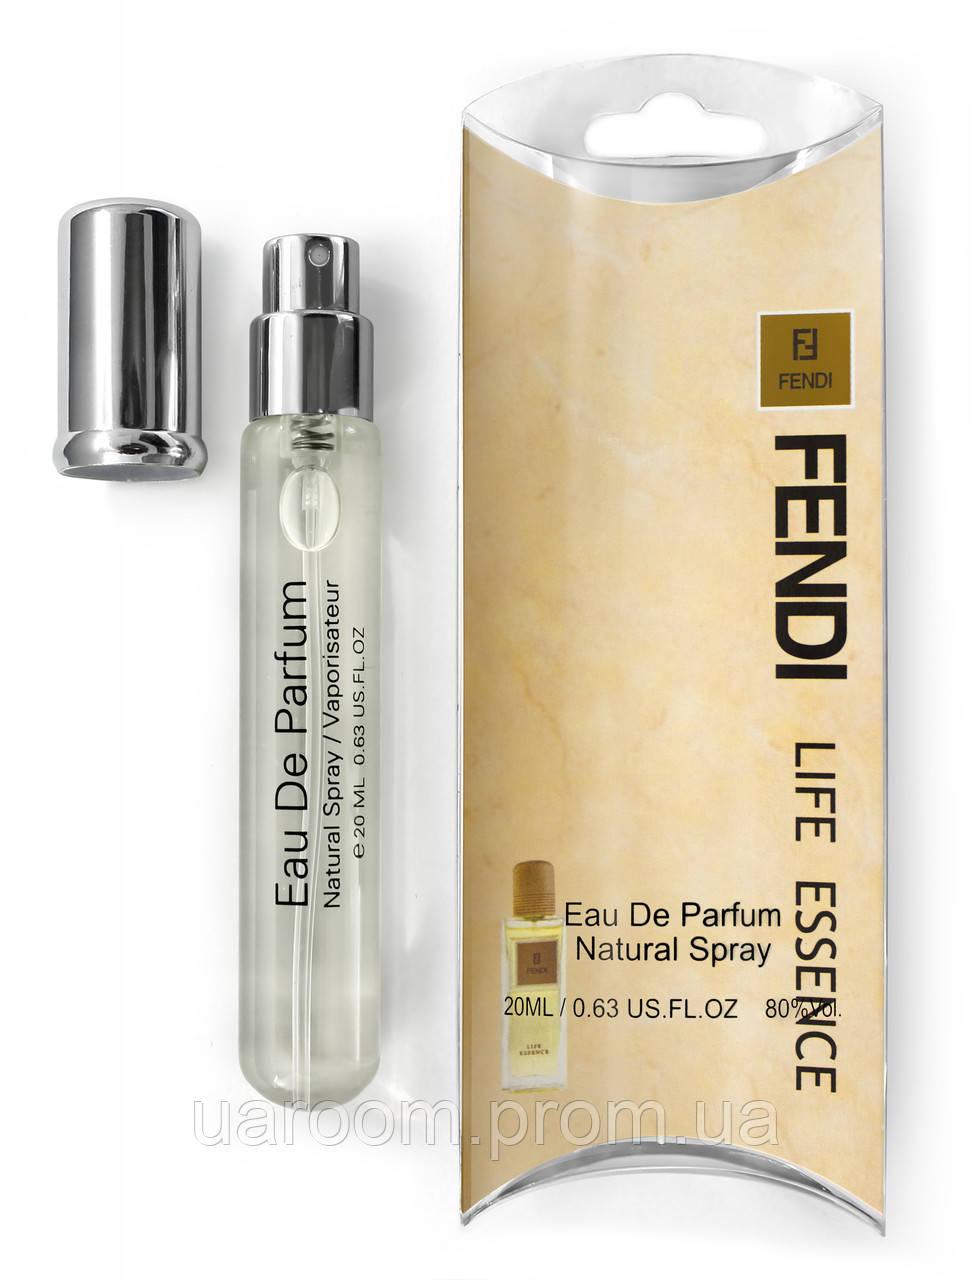 Мини-парфюм мужской Fendi Life Essence, 20  мл